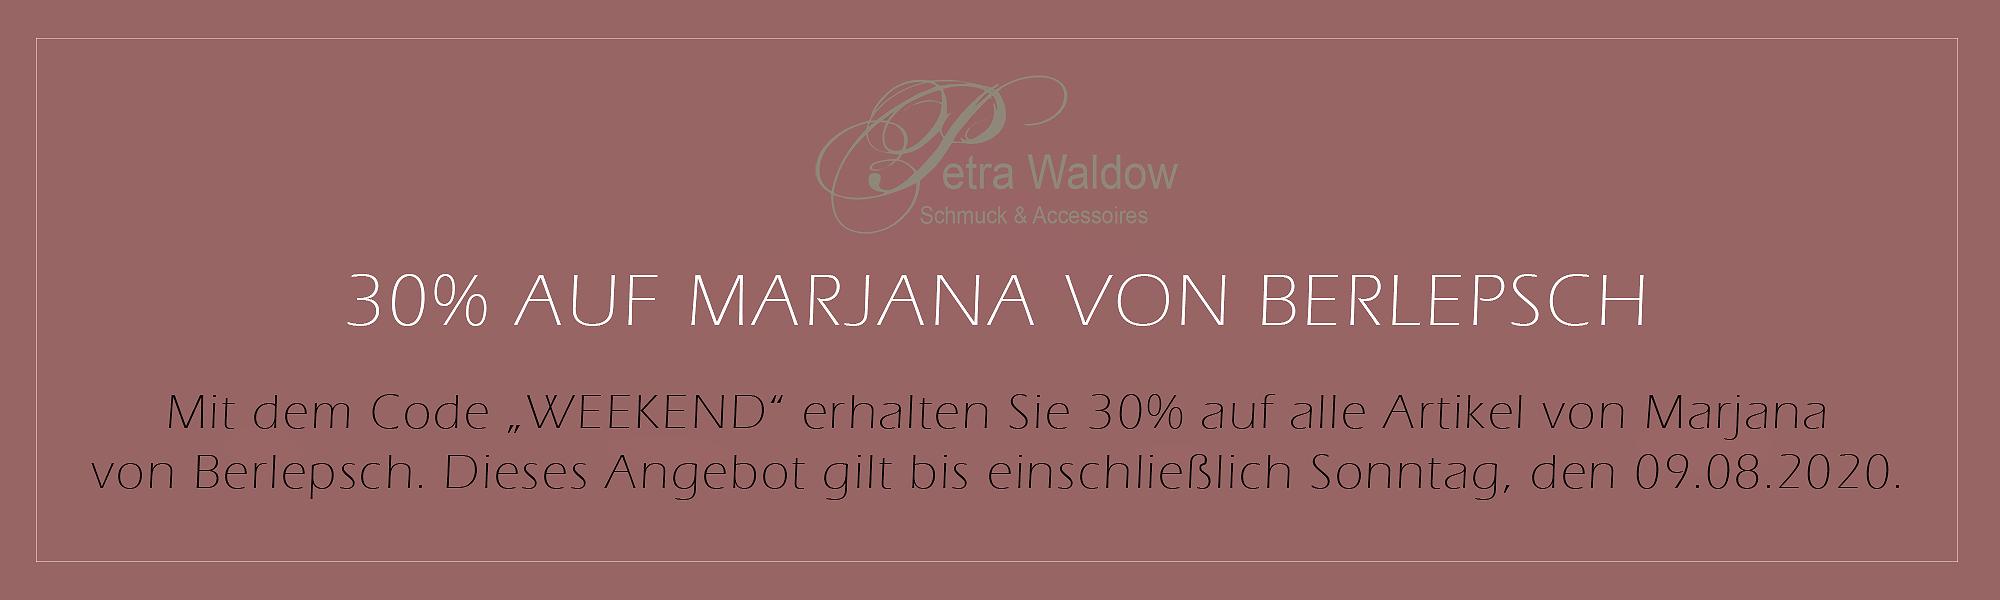 Marjana von Berlepsch-Rabatt